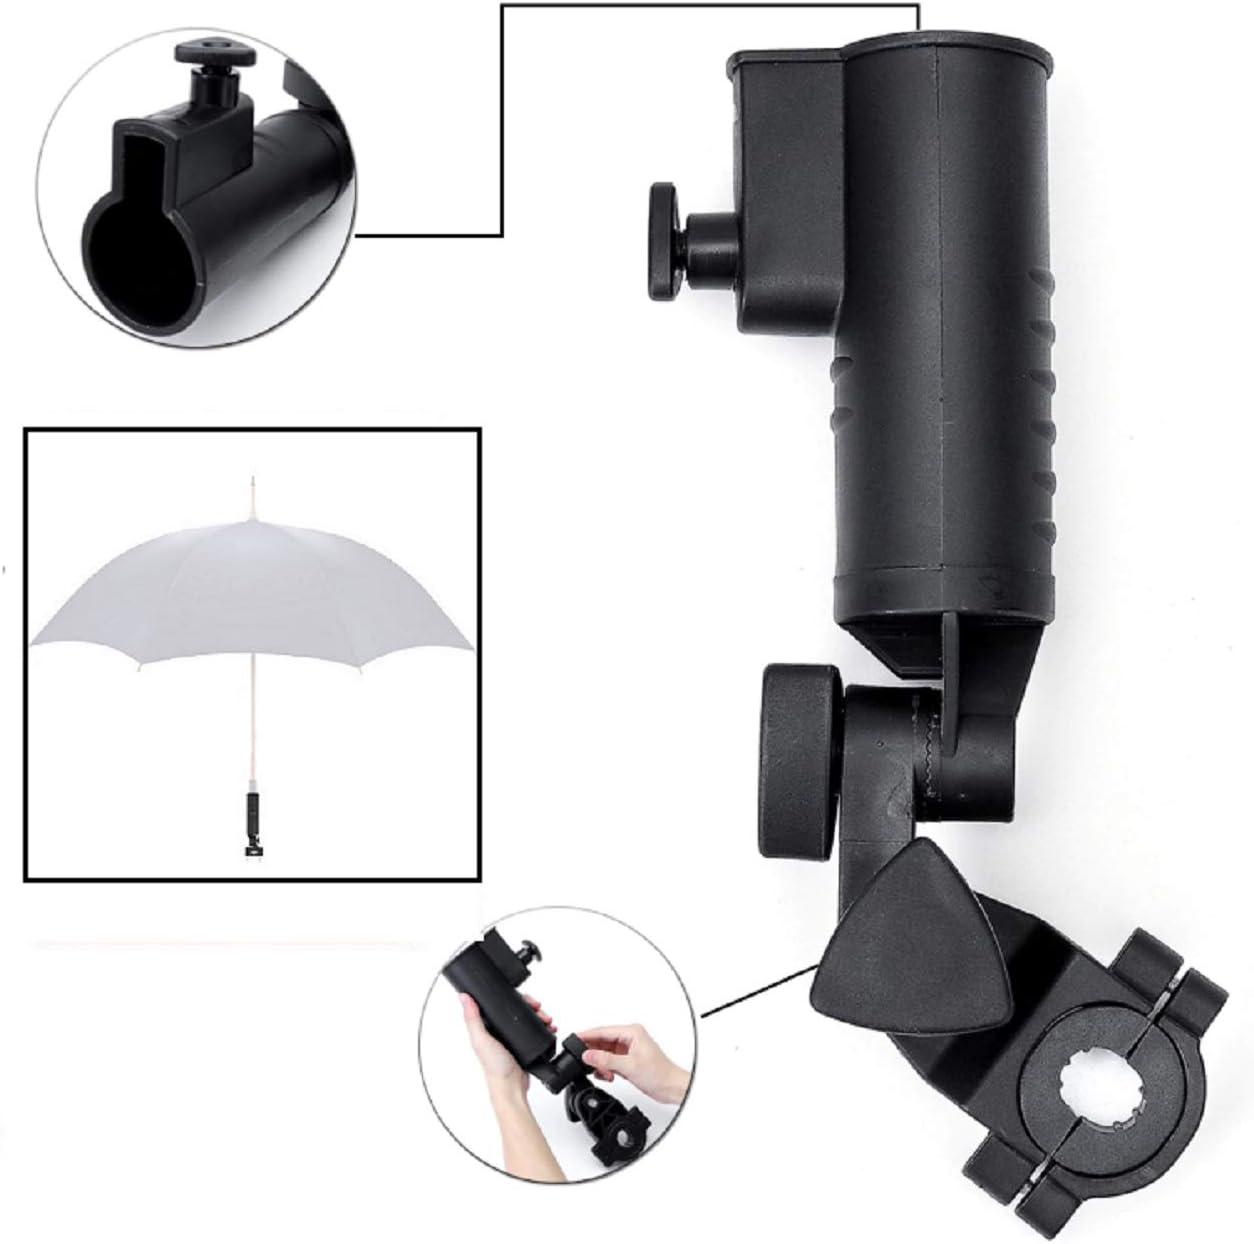 LL-Golf Universal Soporte para Paraguas V2 para Silla/Andador/Carrito/Paraguas Soporte/Umbrella Holder